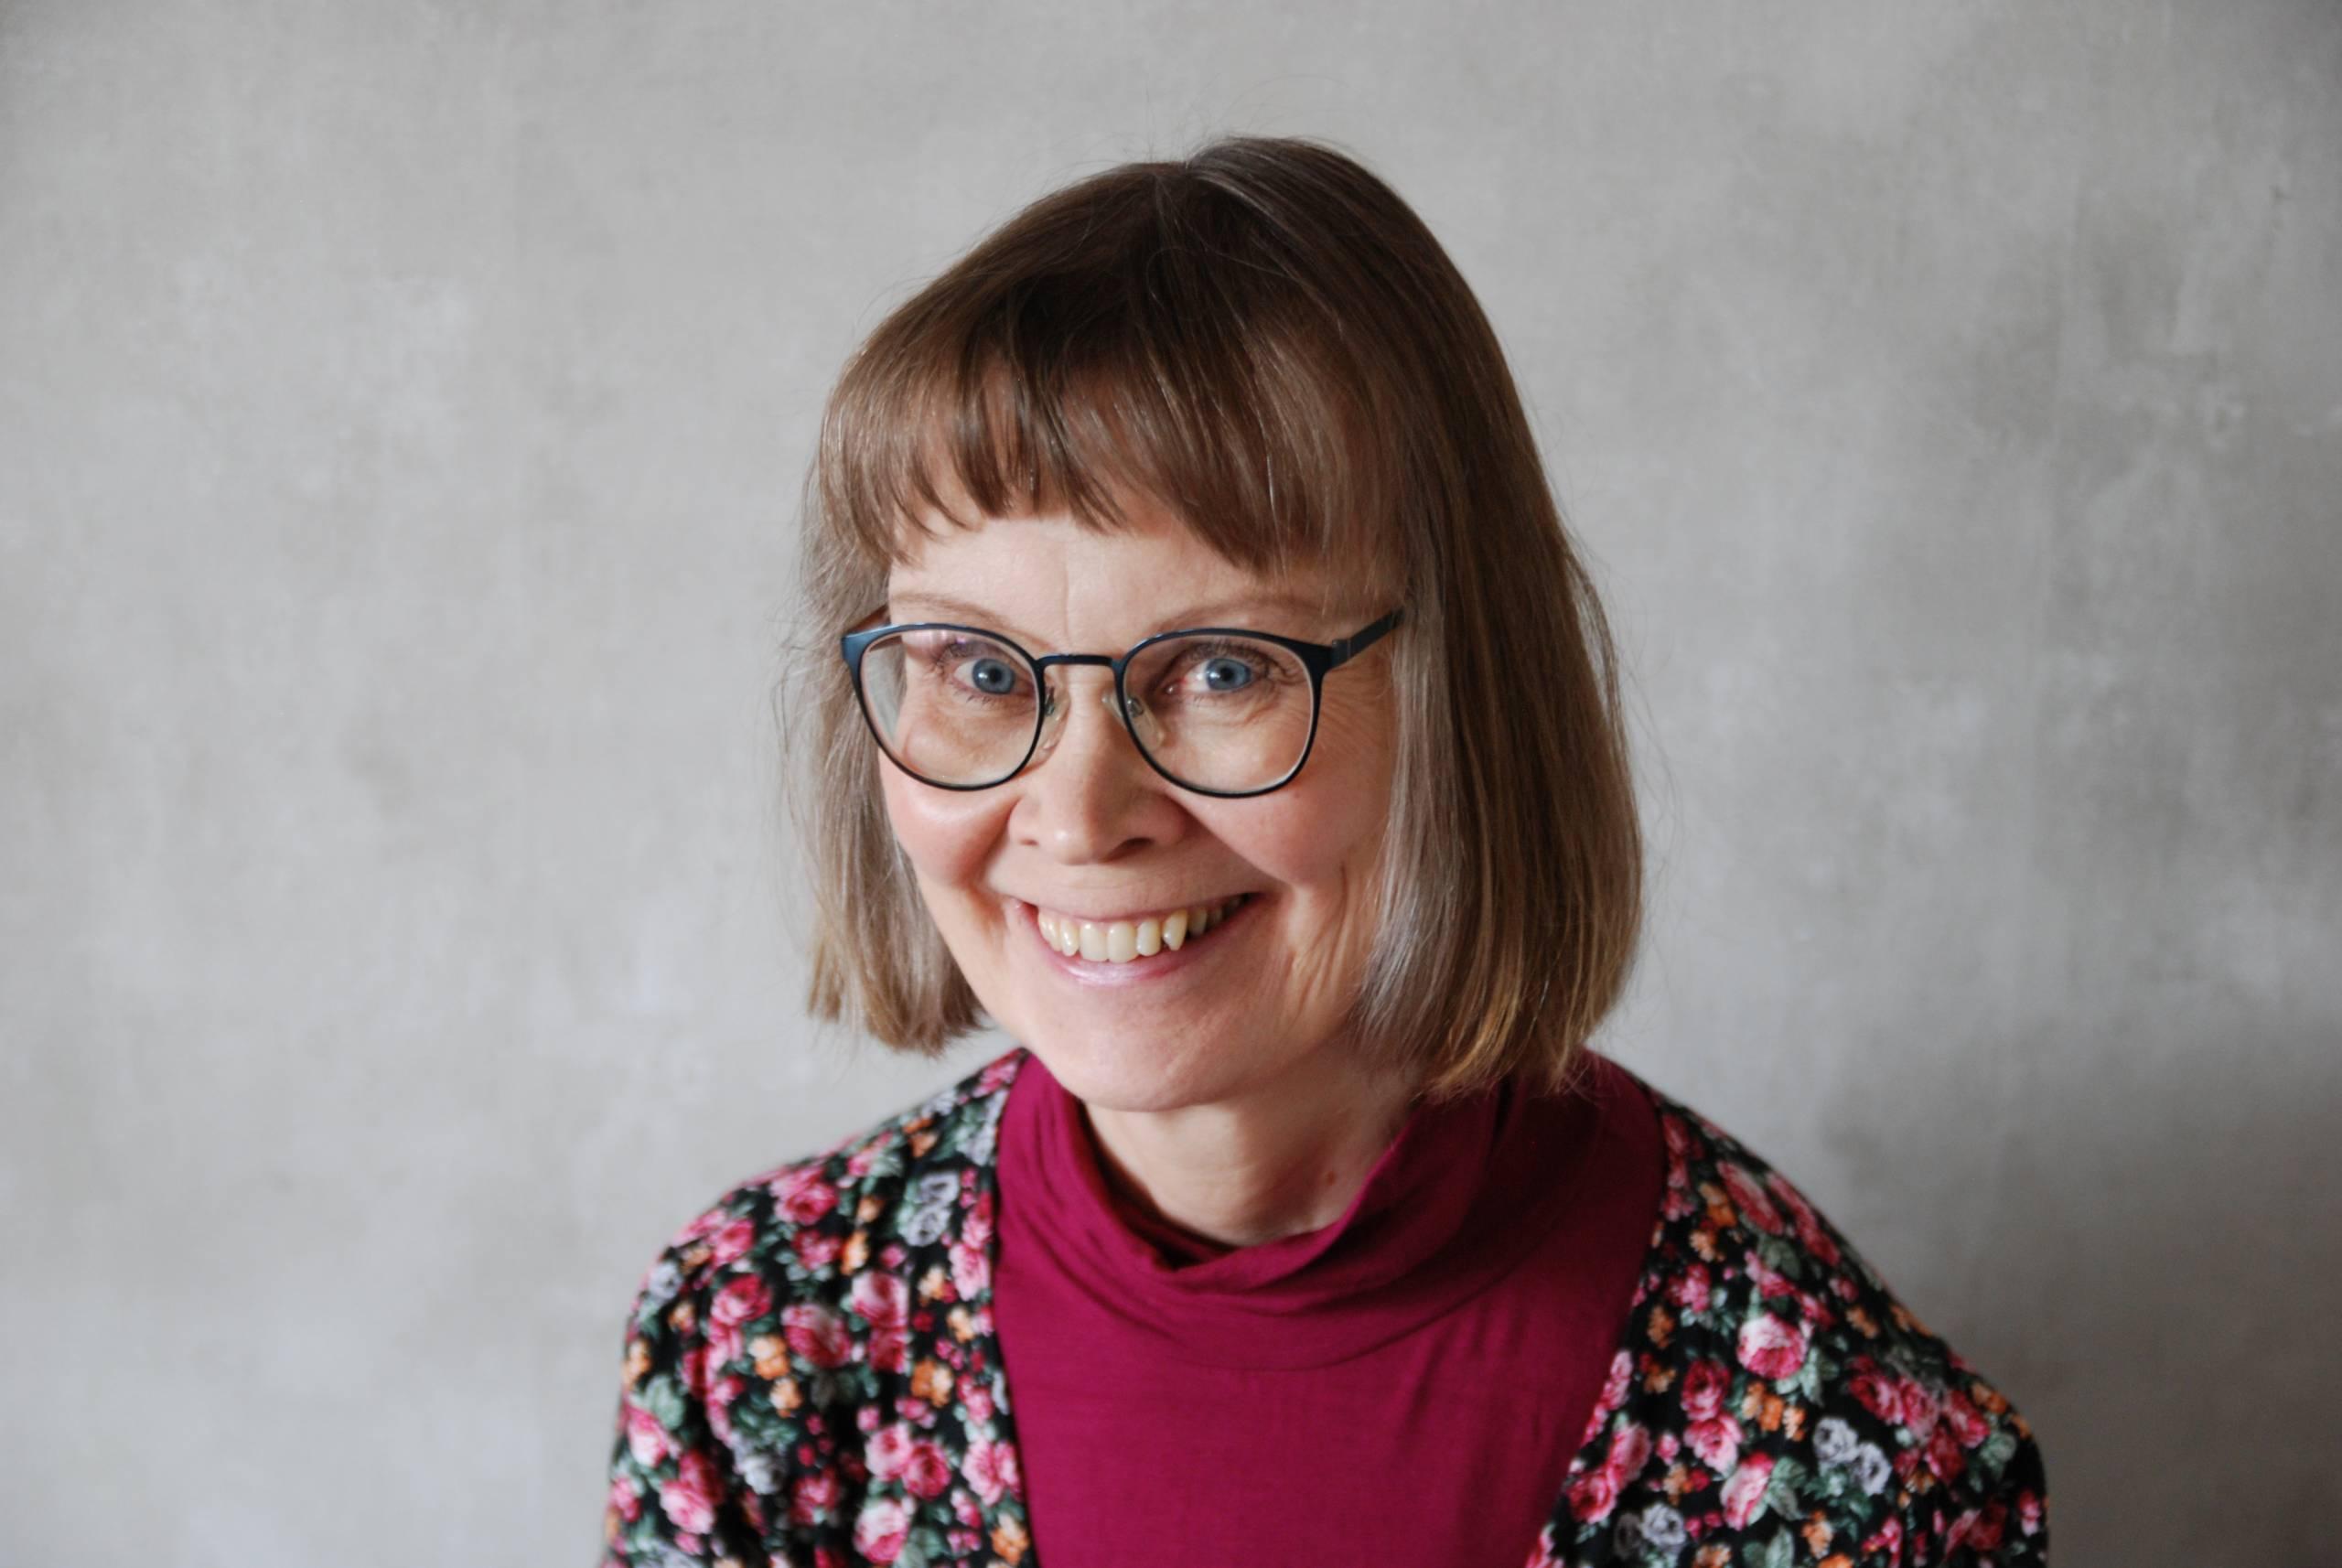 Kääntäjä Arja Pikkupeura hymyilee kameralle harmaata taustaa vasten